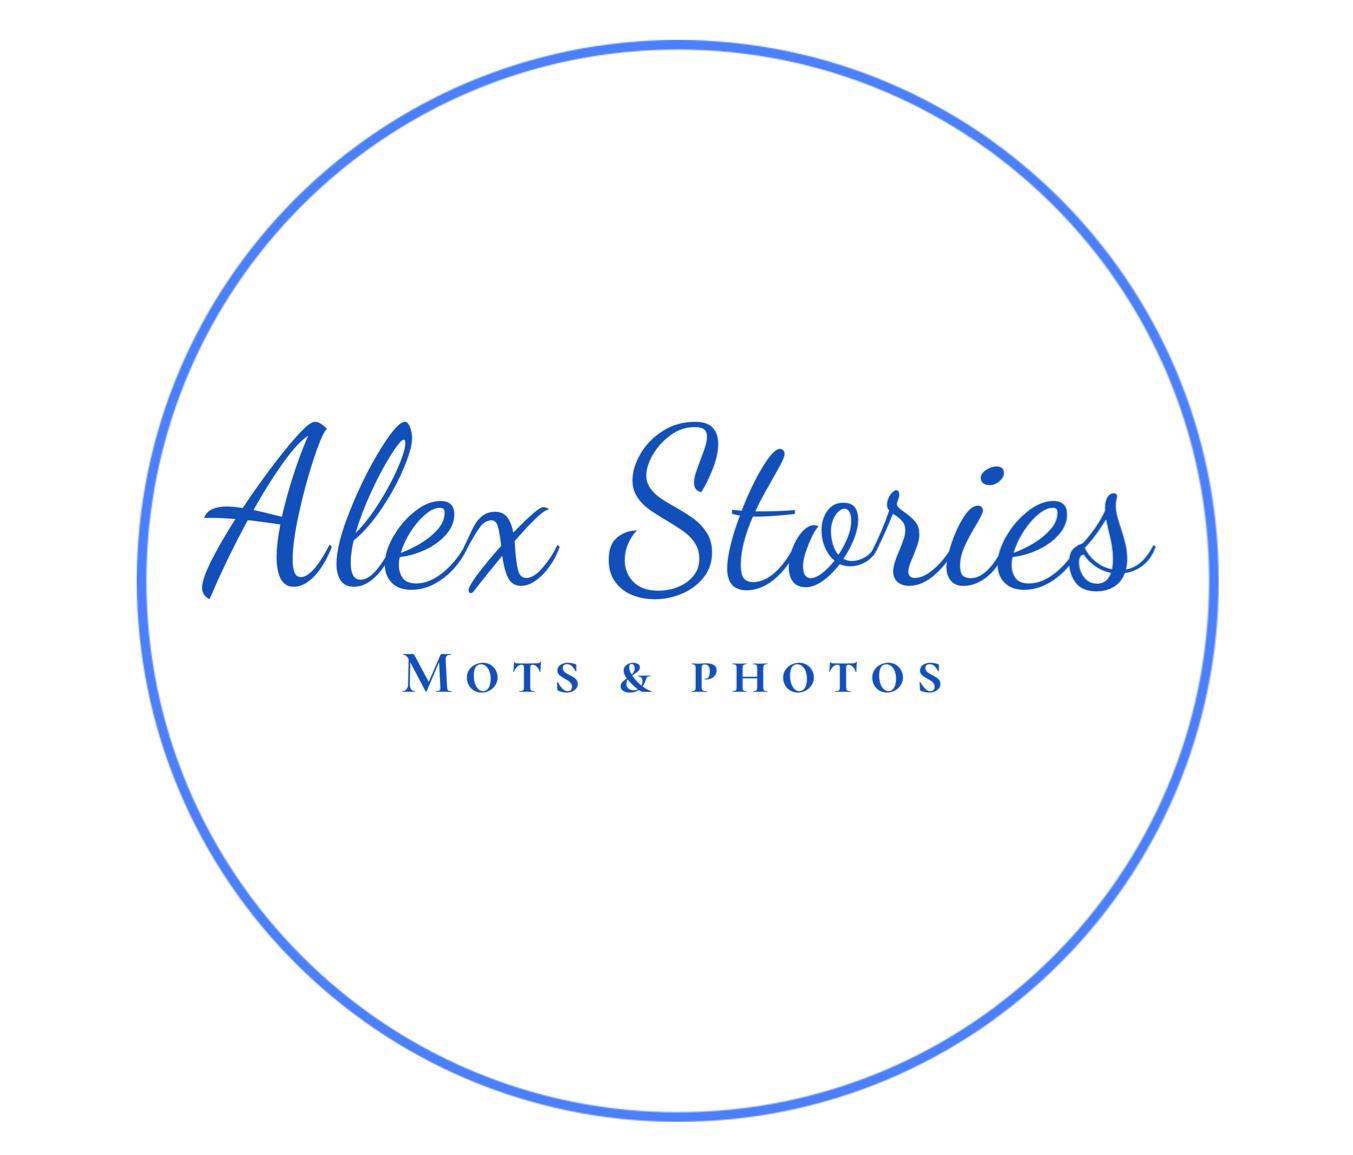 Alex Stories